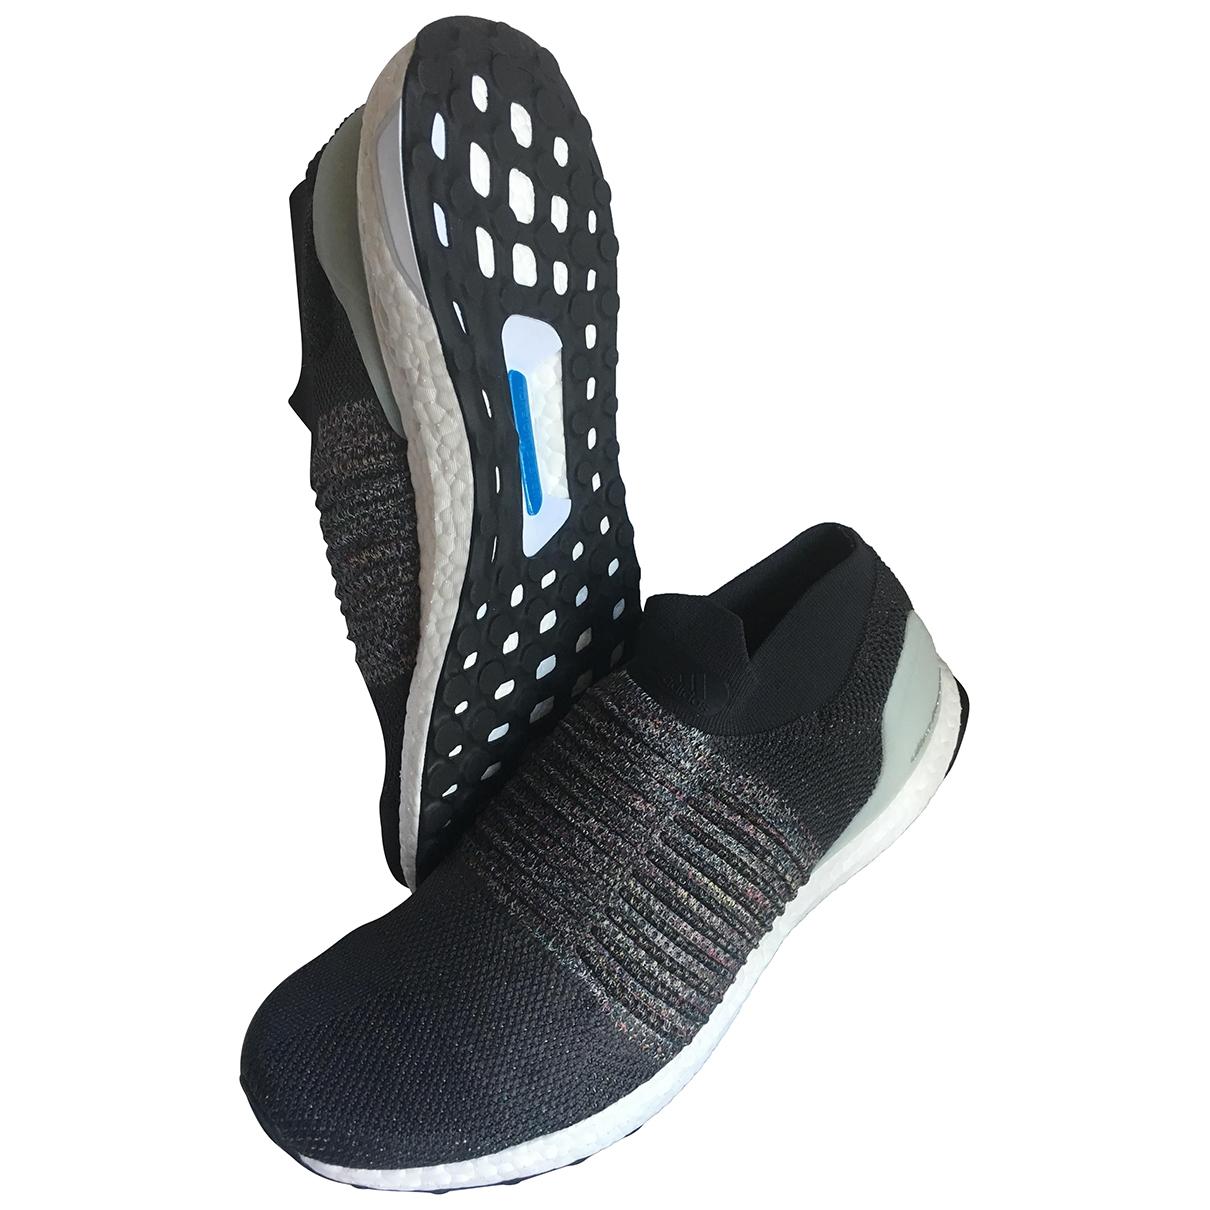 Adidas - Baskets Ultraboost pour homme en toile - gris